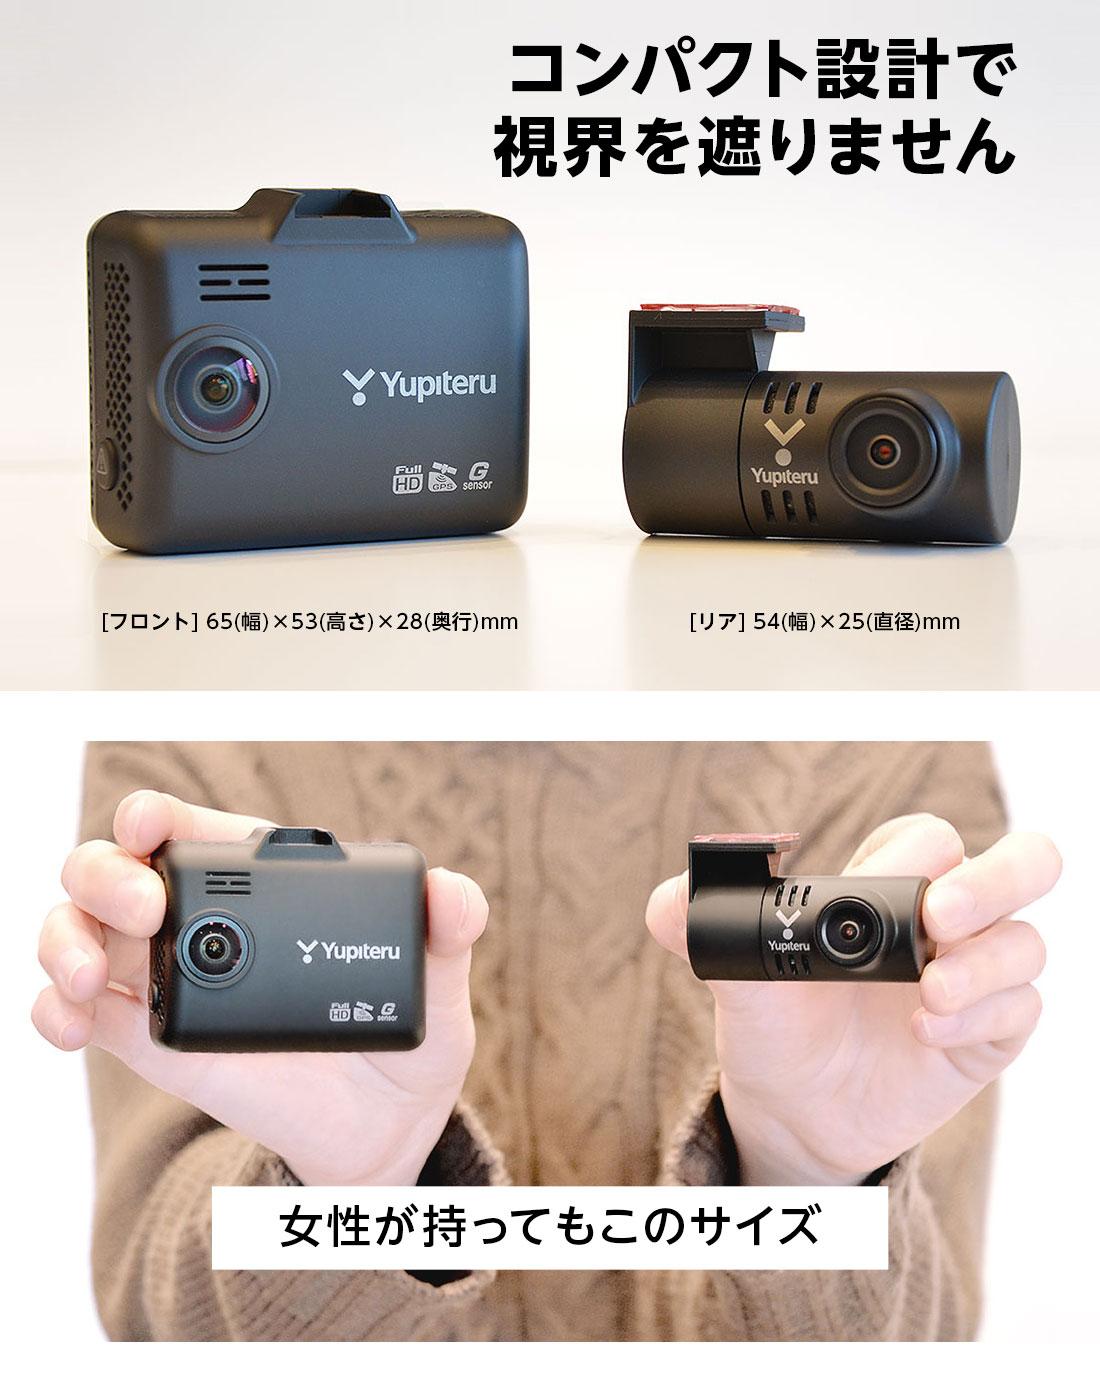 コンパクト設計で視界の妨げを防ぎます Y-300c